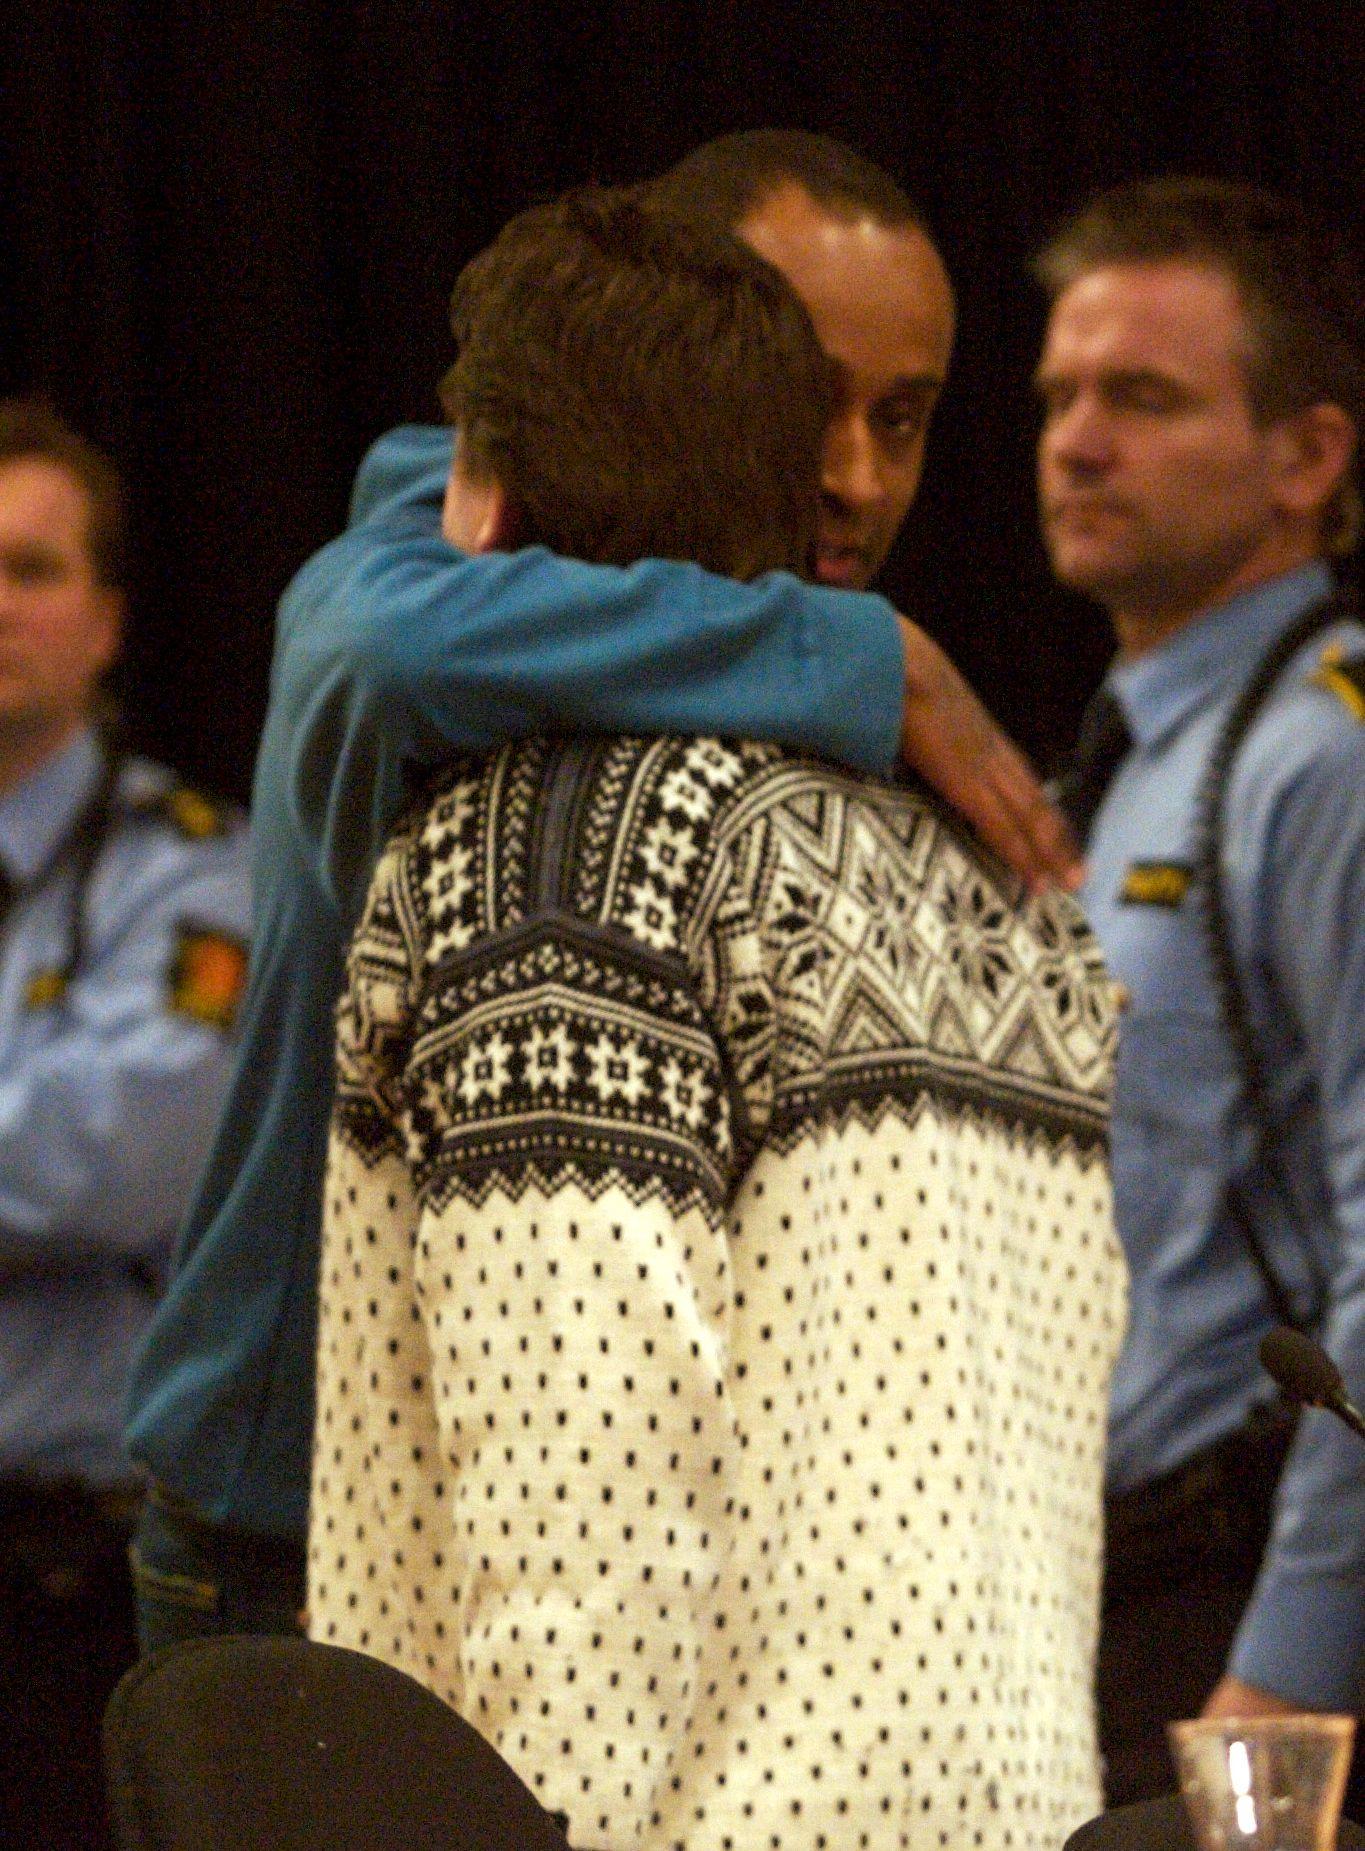 GAMLE KJENTE: Her gir Nokas-ranerne Metkel Betew (37) og David Toska (40) hverandre en klem etter at ranslaget fikk sin dom i Stavanger tingrett.